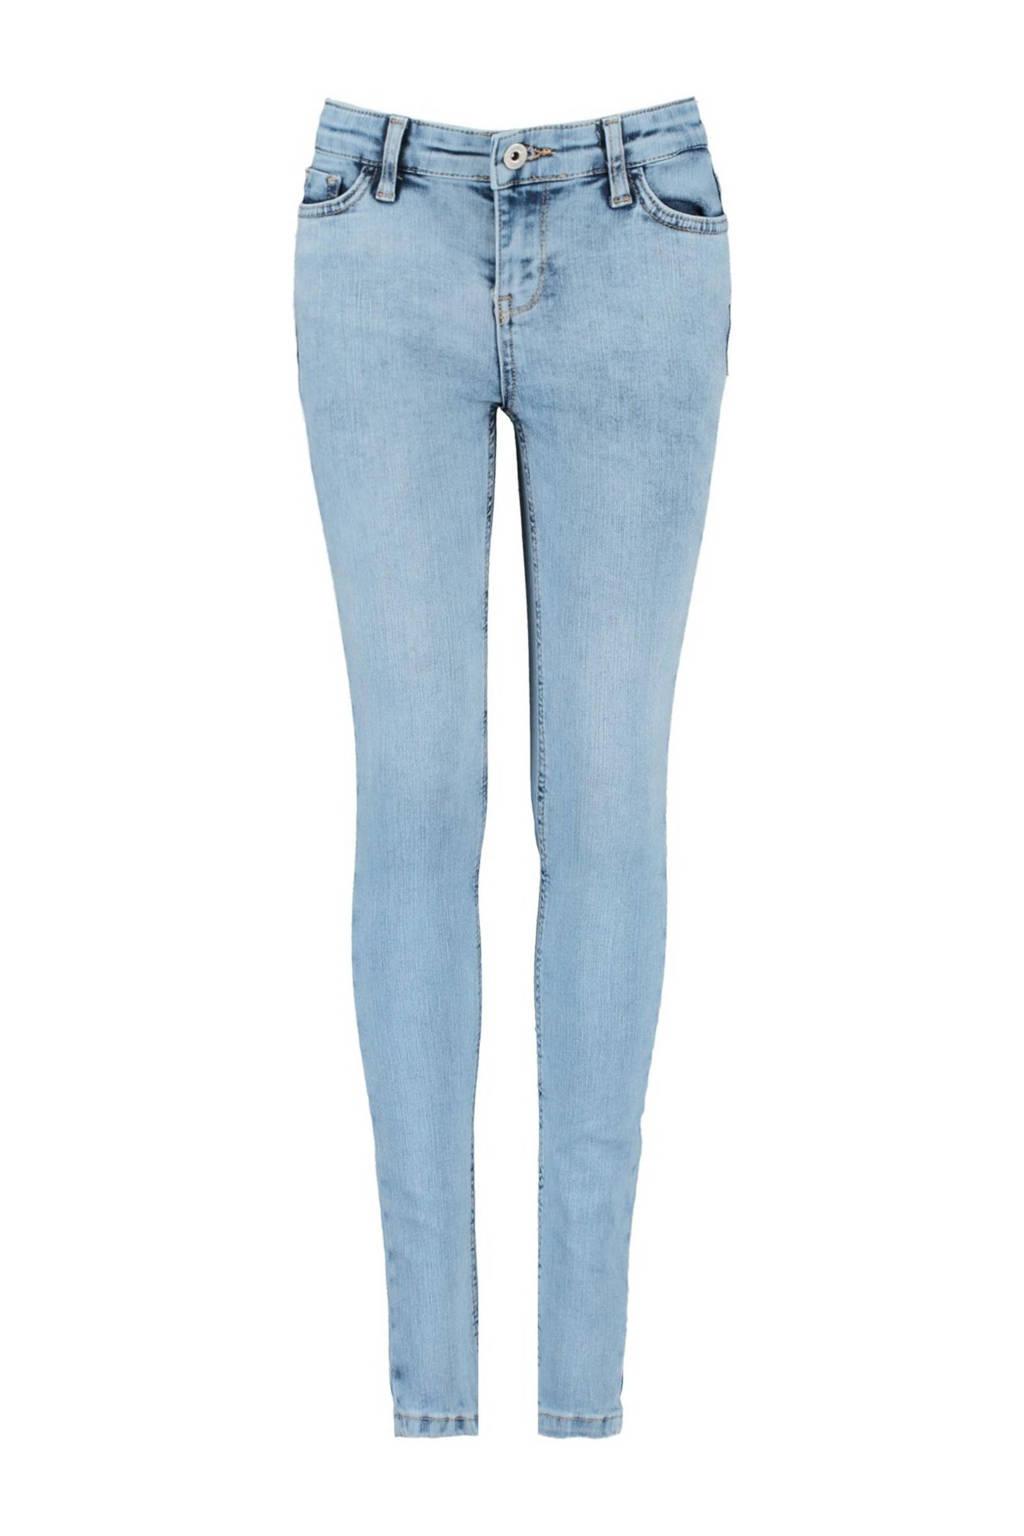 CoolCat Junior super skinny jeans Kaat stonewashed, Stonewashed